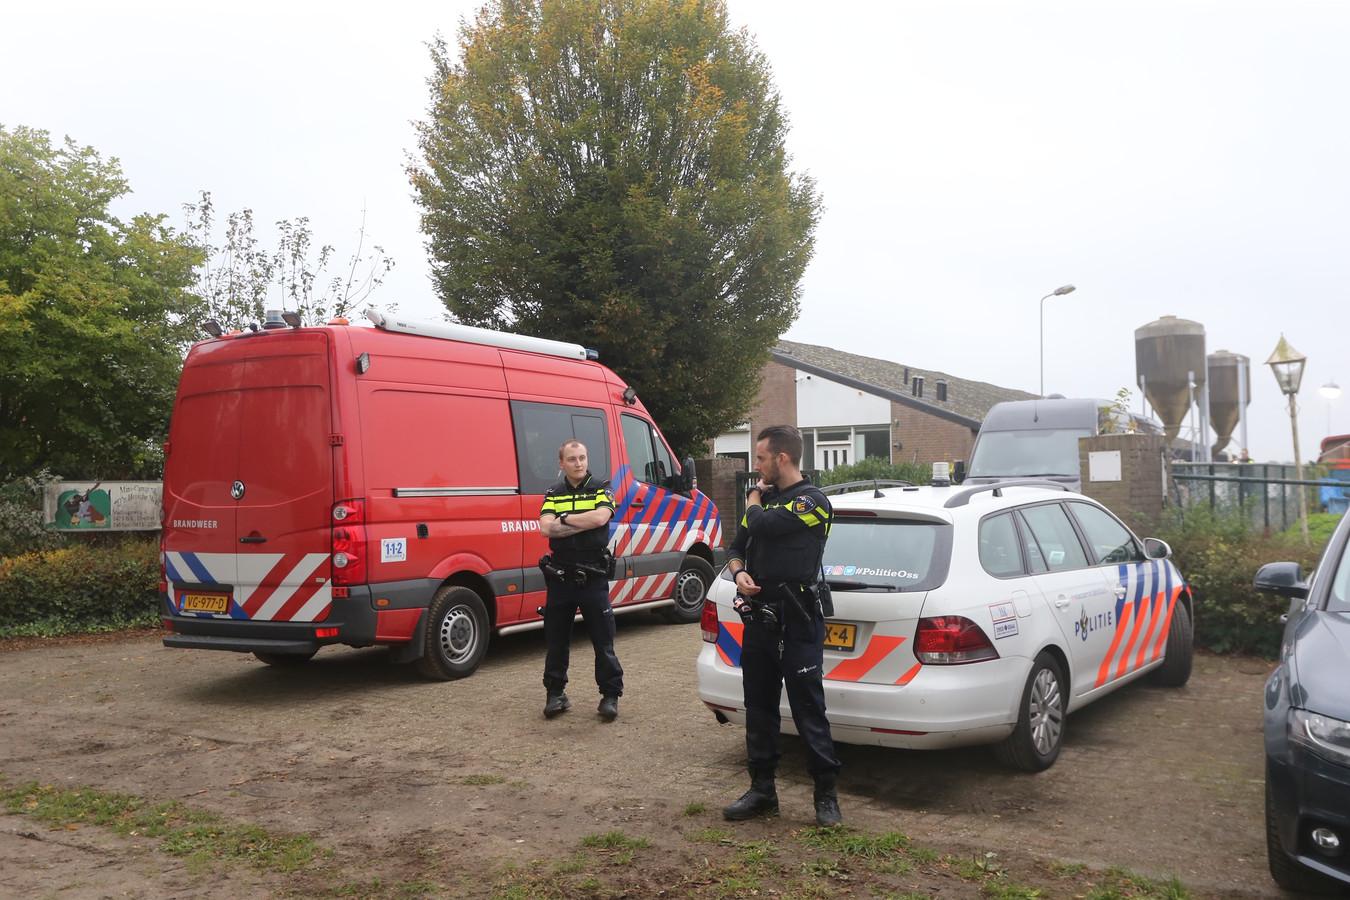 Politieagenten bewaken de schuur in het buitengebied van Heeswijk-Dinther, waar woensdag een cocaïnewasserij werd gevonden.